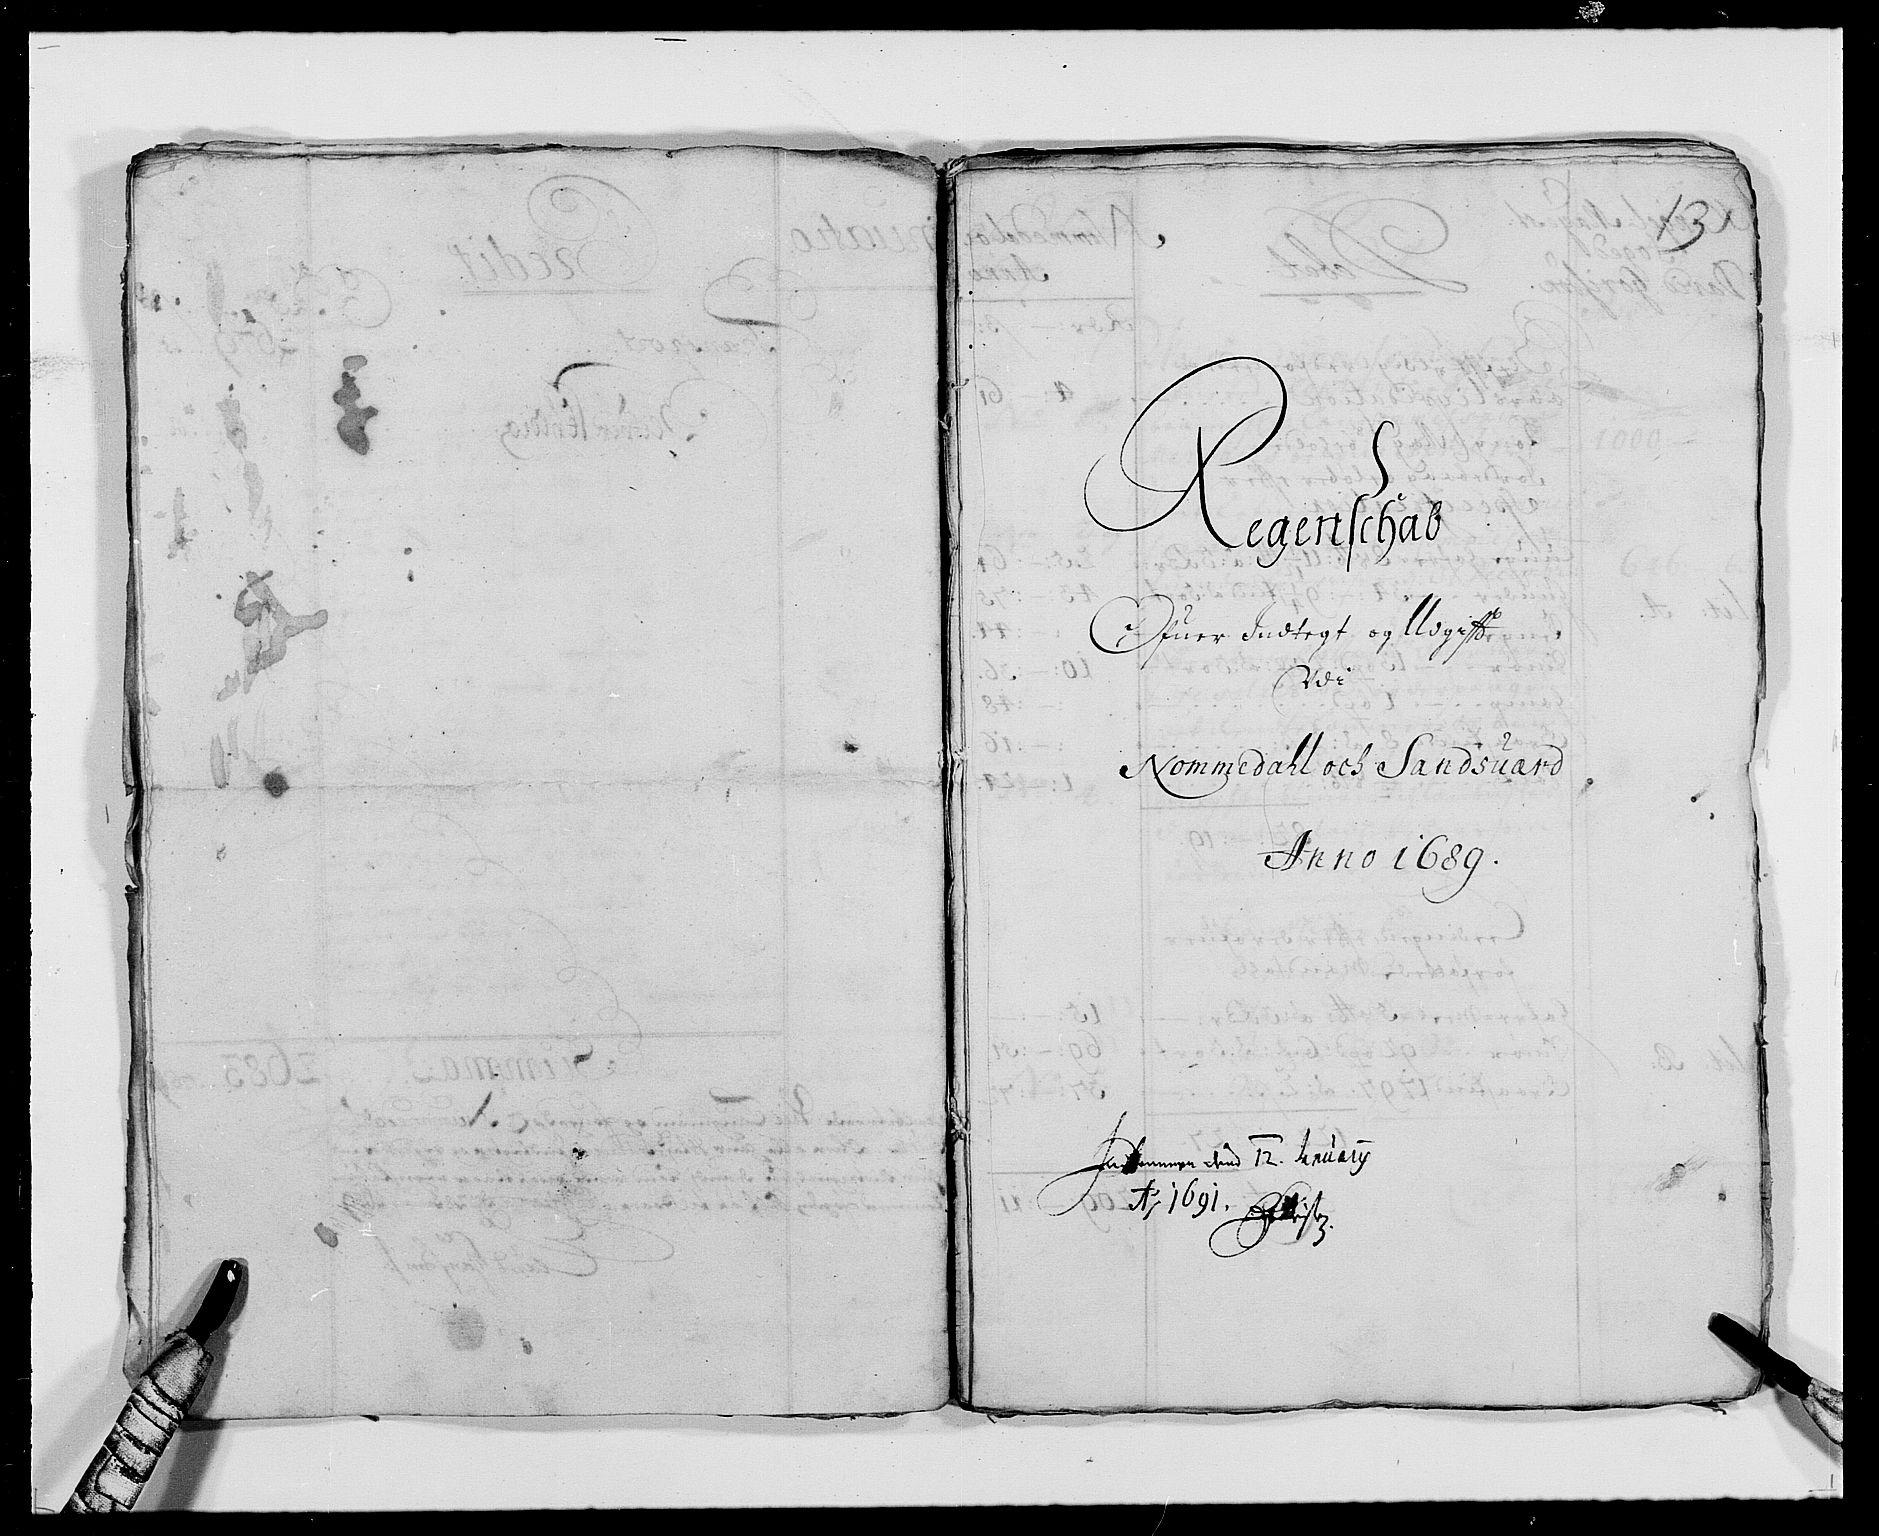 RA, Rentekammeret inntil 1814, Reviderte regnskaper, Fogderegnskap, R24/L1573: Fogderegnskap Numedal og Sandsvær, 1687-1691, s. 235